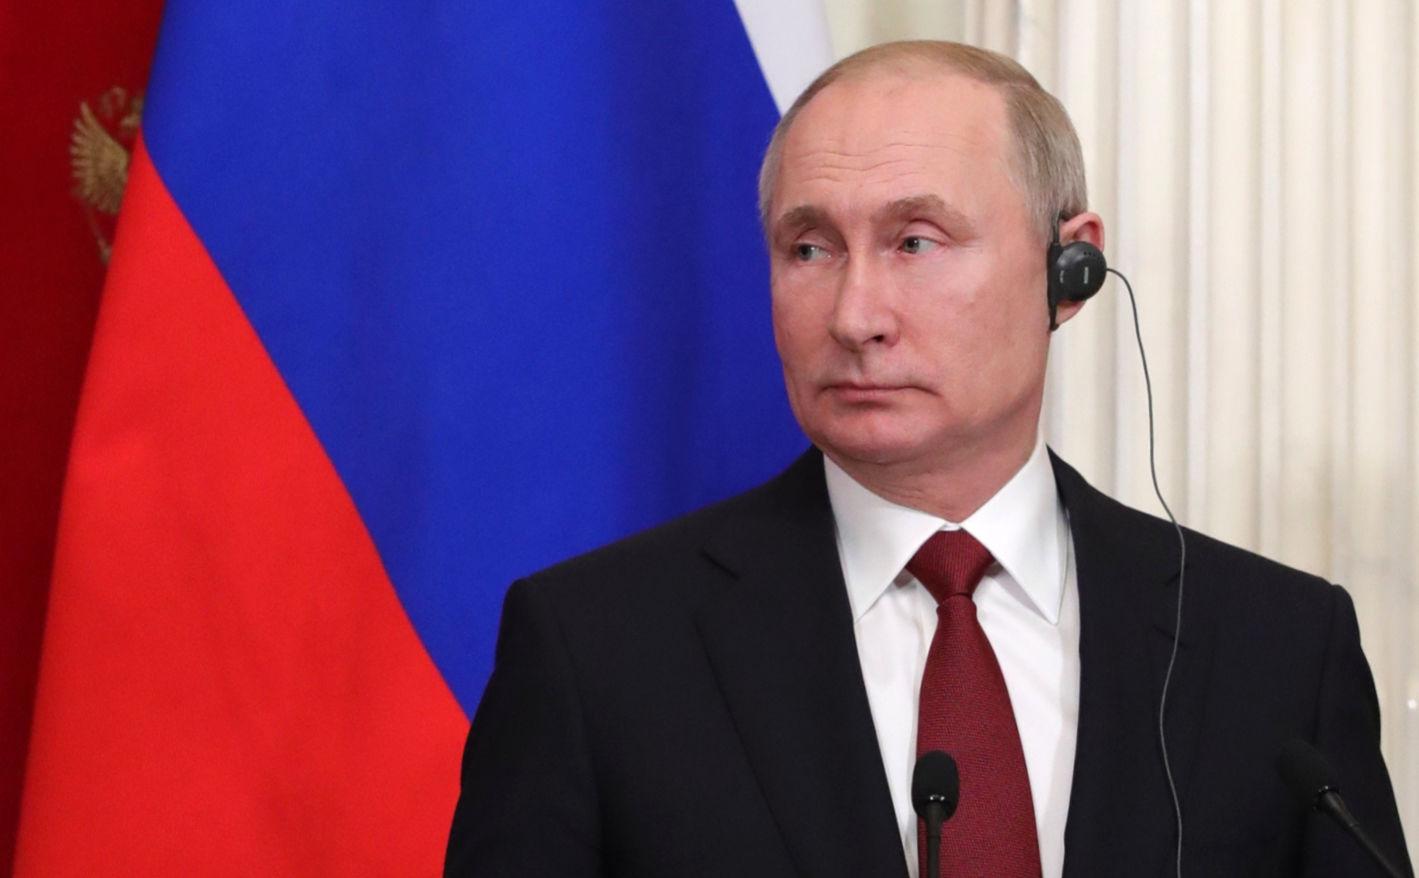 """Эксперты и депутаты оценили способность Путина начать большую войну после запуска """"Северного потока - 2"""""""